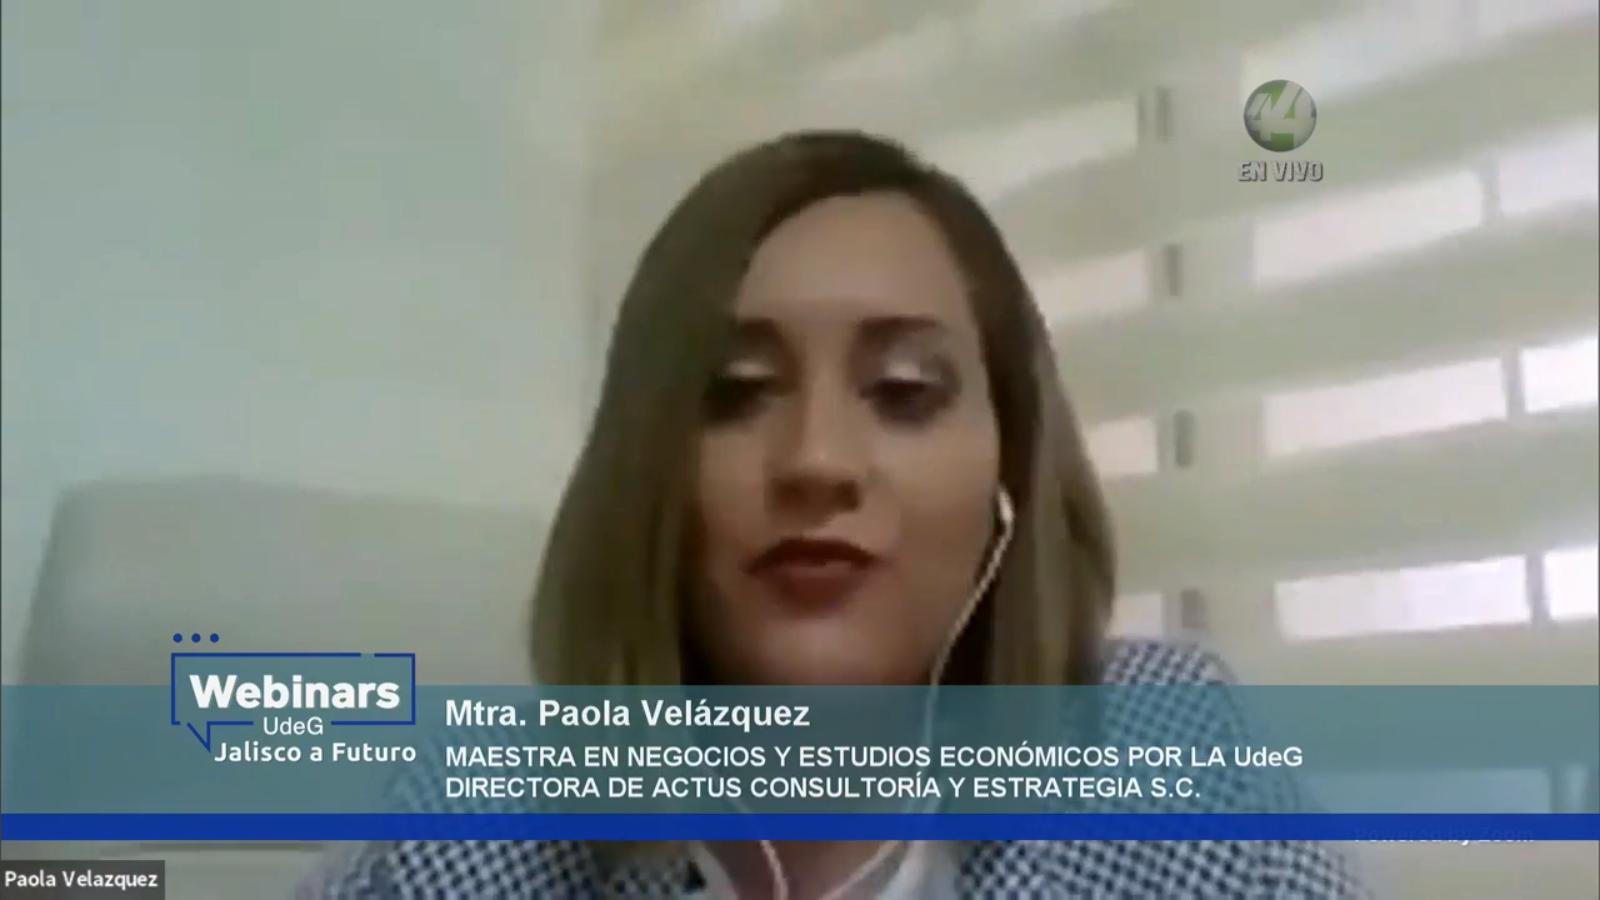 La Directora de Actus Consultoría y Estrategias, SC y maestra en Negocios y Estudios Económicos por la UdeG, Paola Velázquez